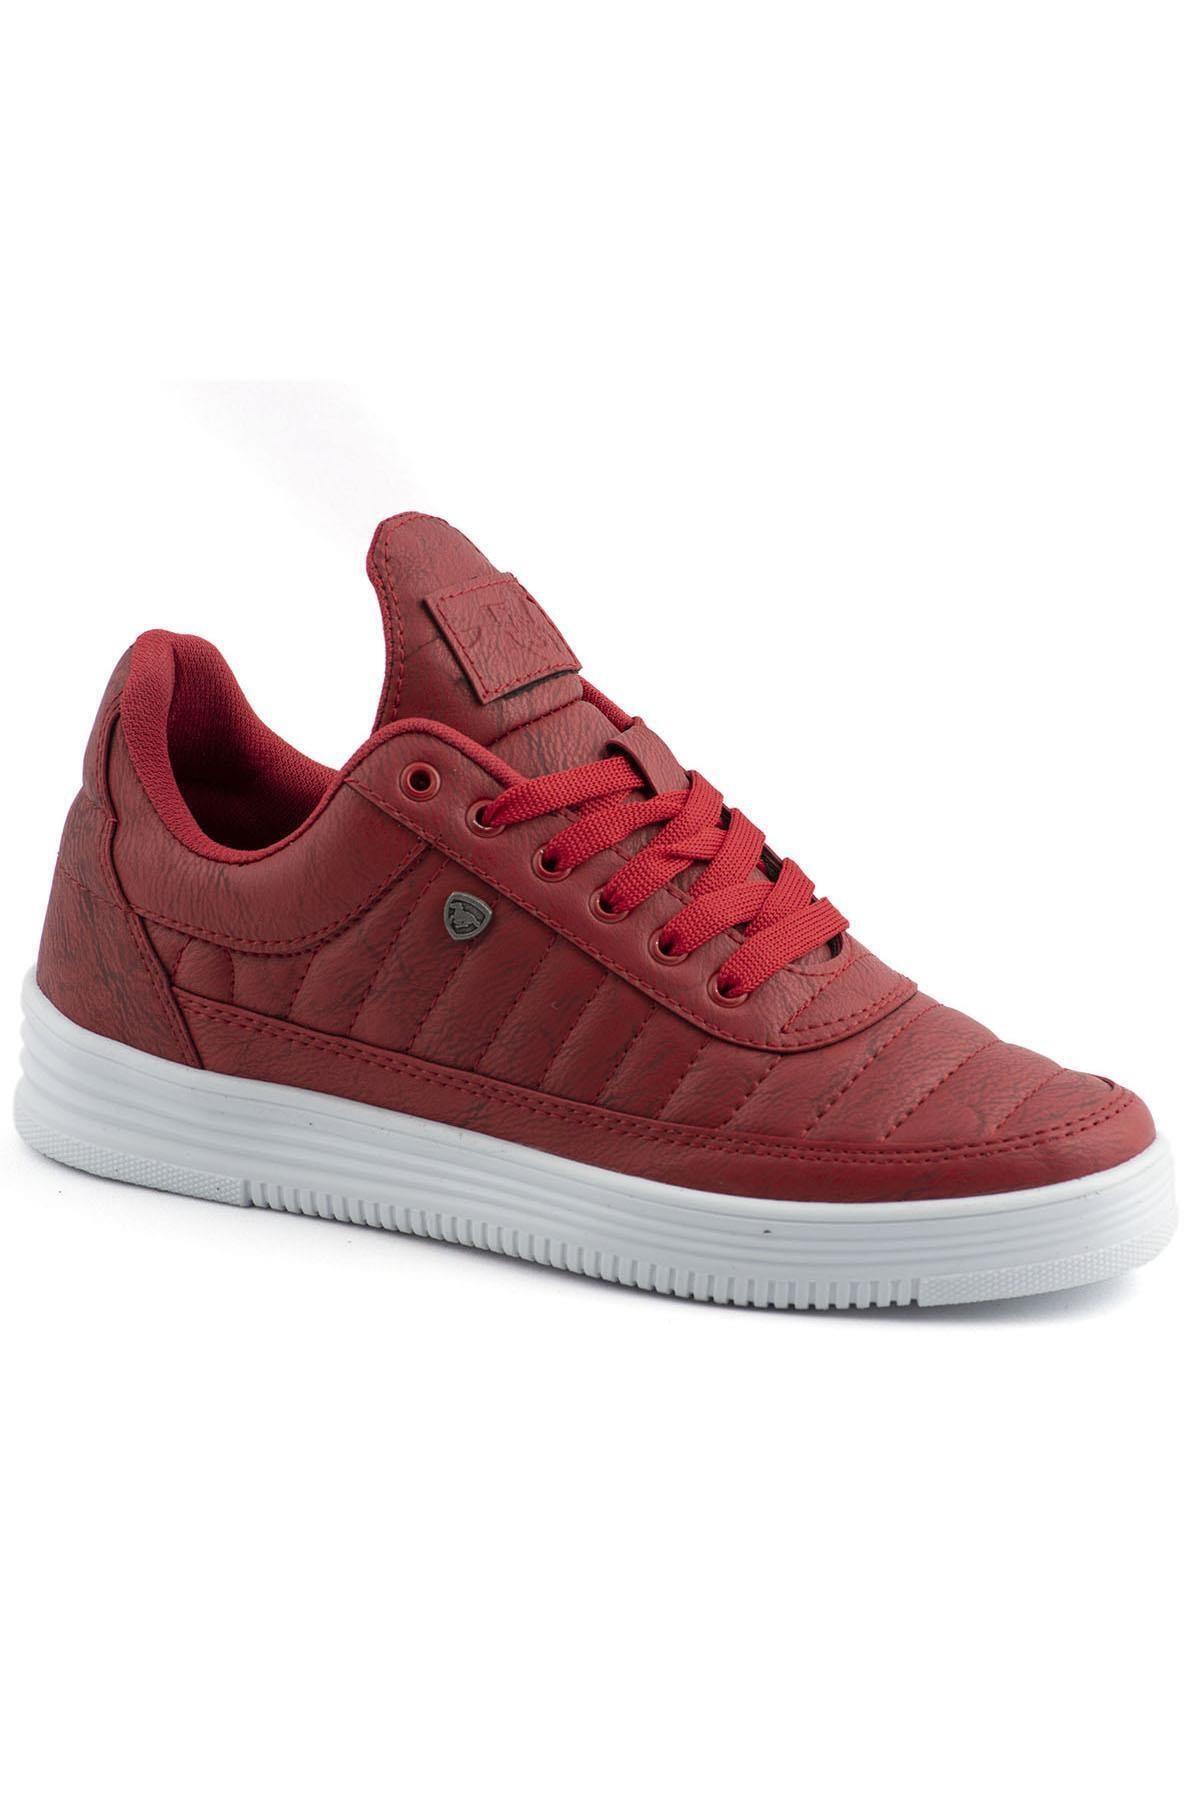 07 Kırmızı Beyaz Dikişli Unisex Spor Ayakkabı